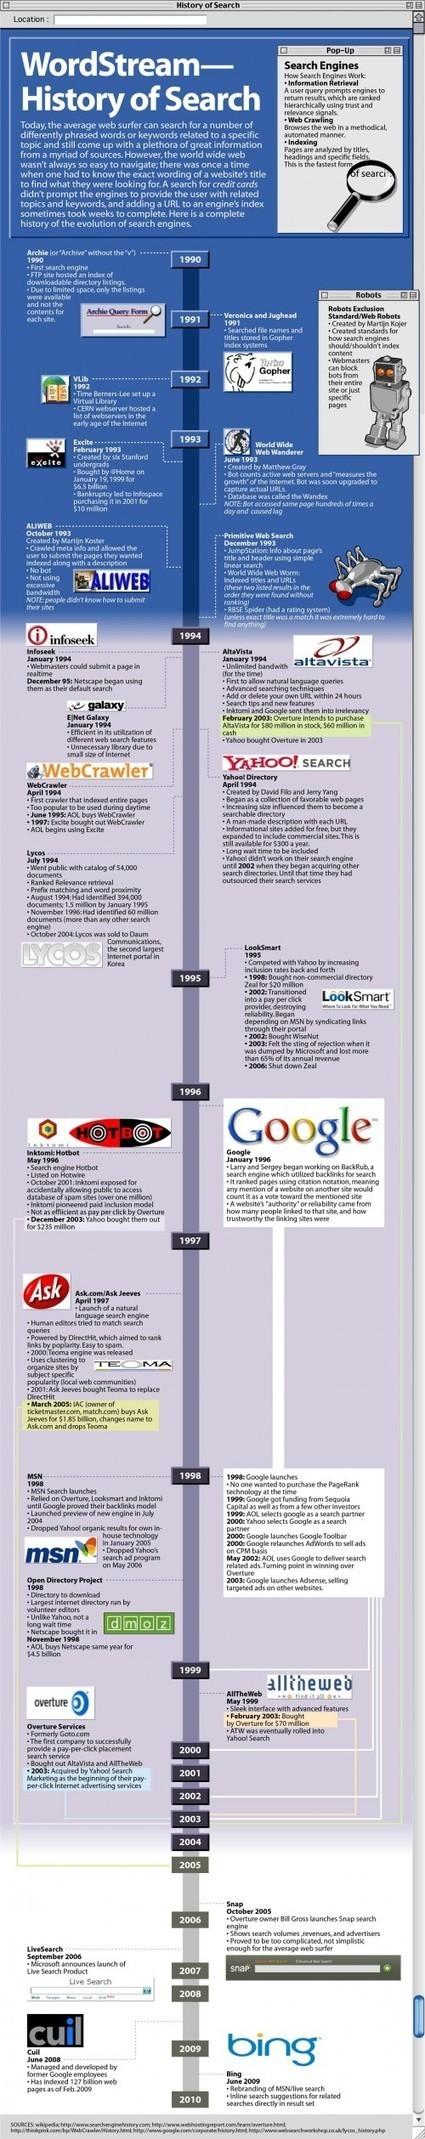 [Infographie] L'histoire des moteurs de recherche - Websourcing.fr | Les moteurs de recherche et leurs spécificités | Scoop.it